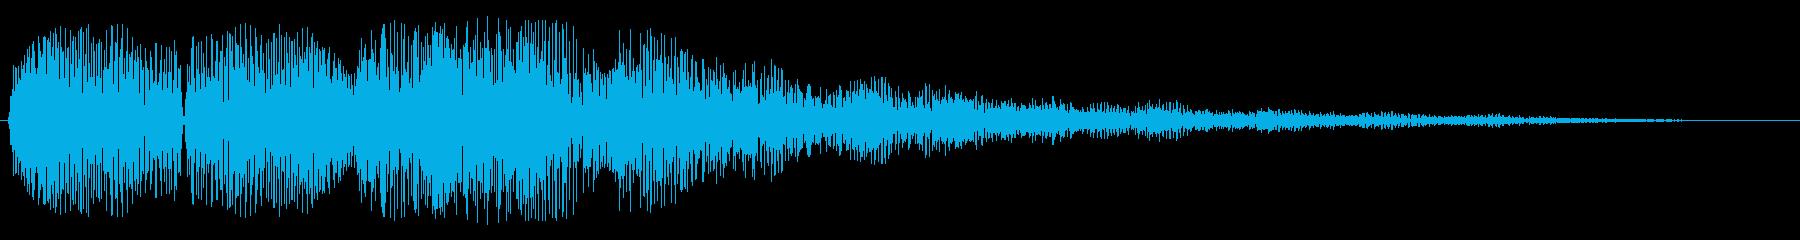 エコーあり着信音(シンセ)の再生済みの波形